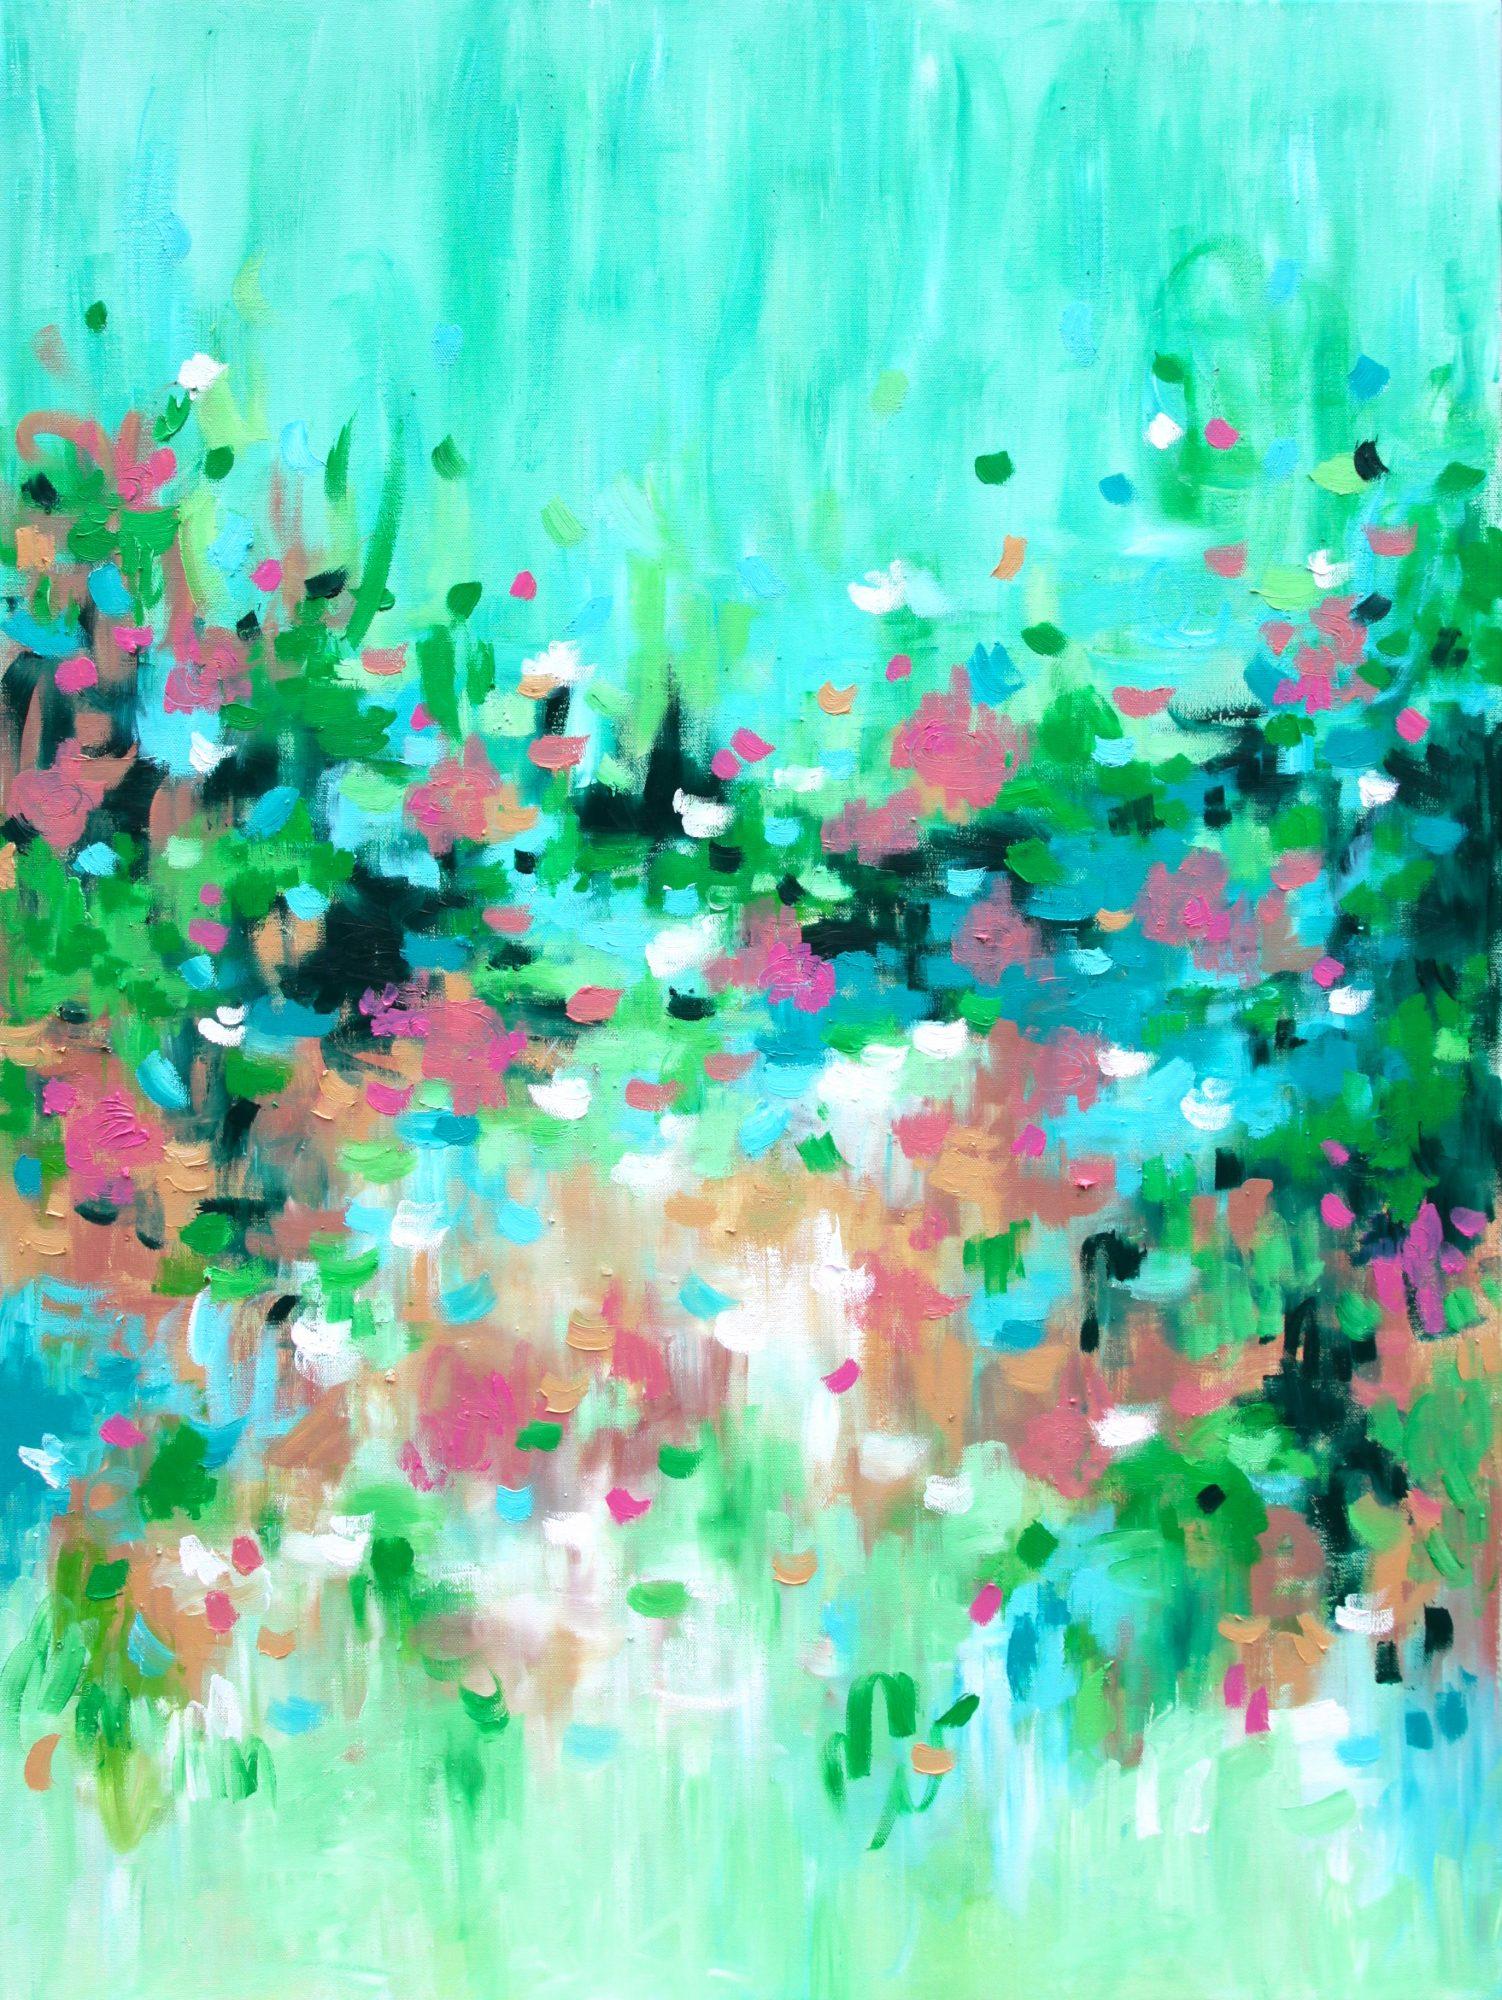 belinda-nadwie-art-australian-artist-natures-softness